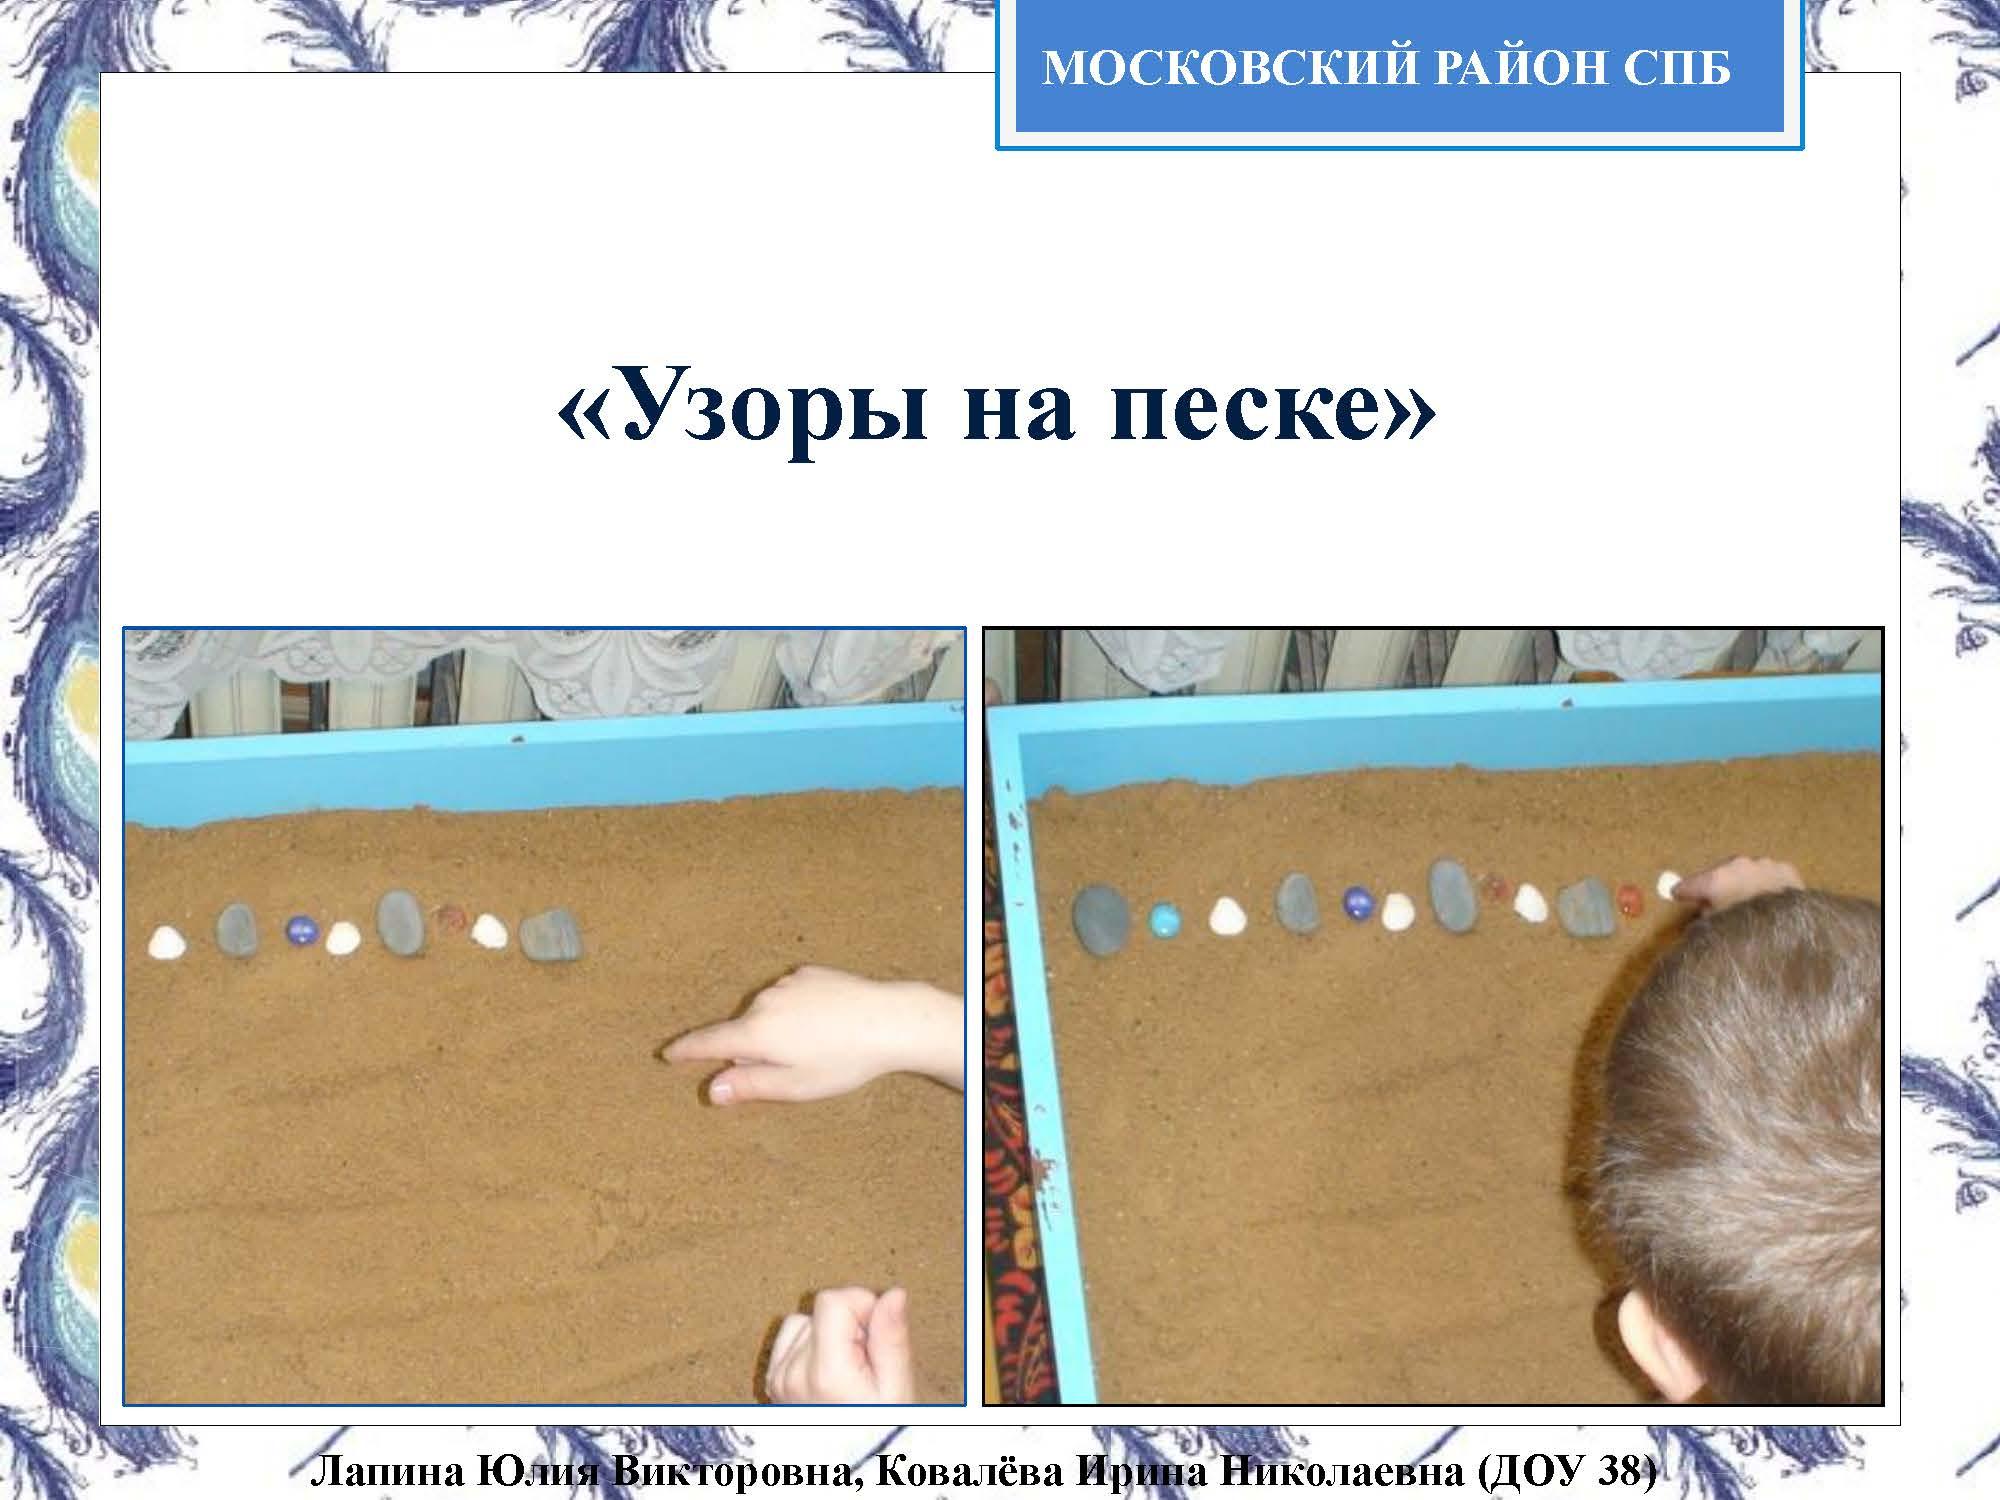 Секция 8. ДОУ 38, Московский район_Страница_26